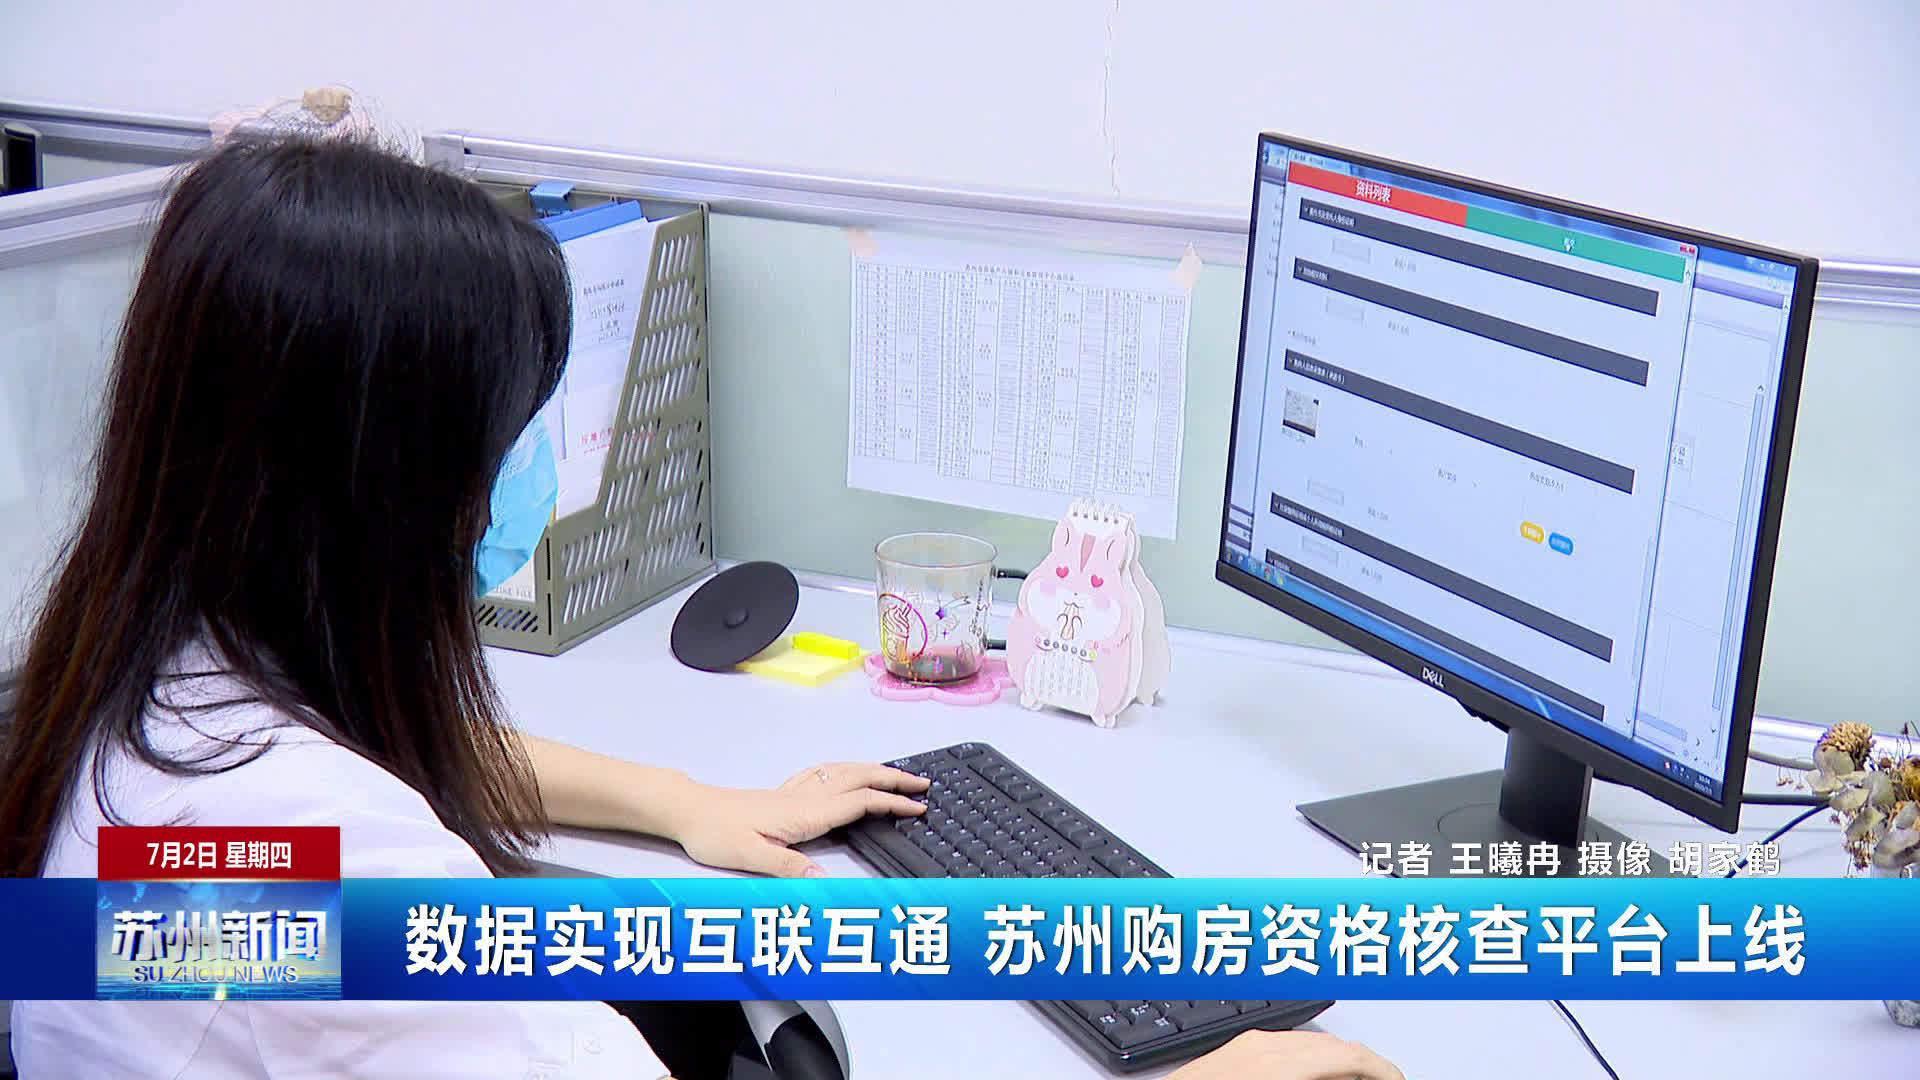 数据实现互联互通 苏州购房资格核查平台上线